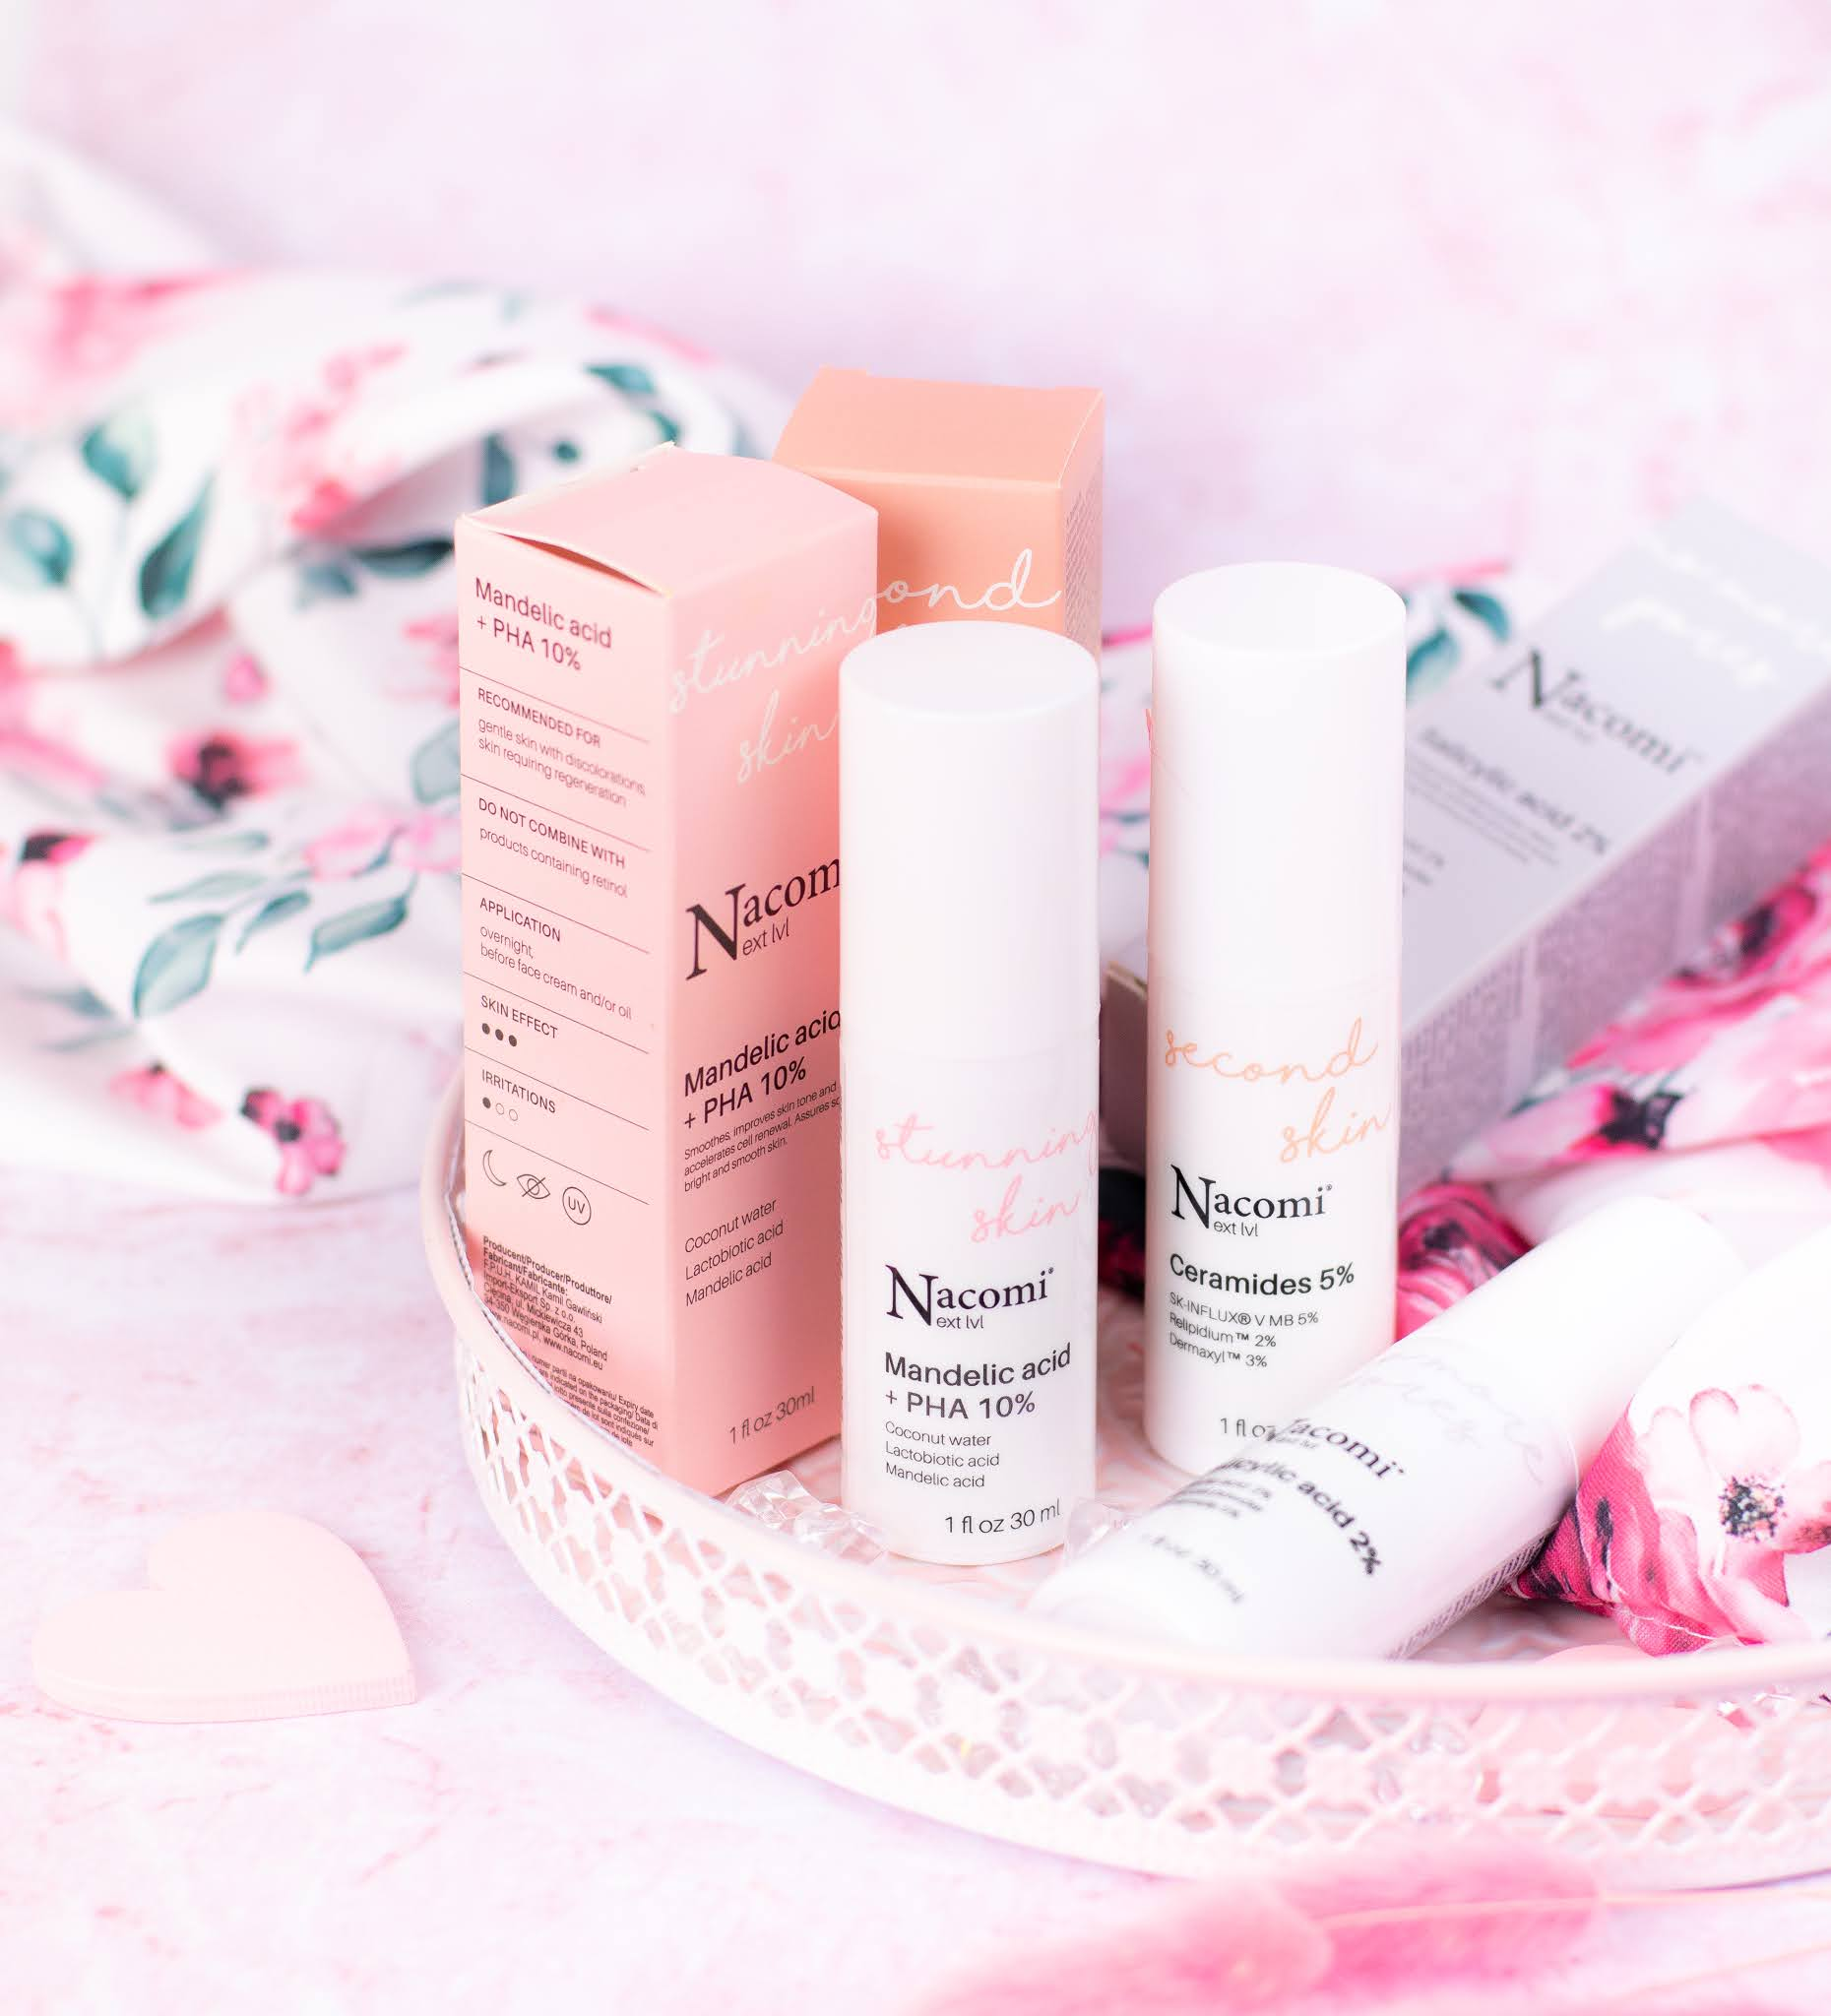 Nacomi Next Level - nowoczesna odsłona marki w formie serum!